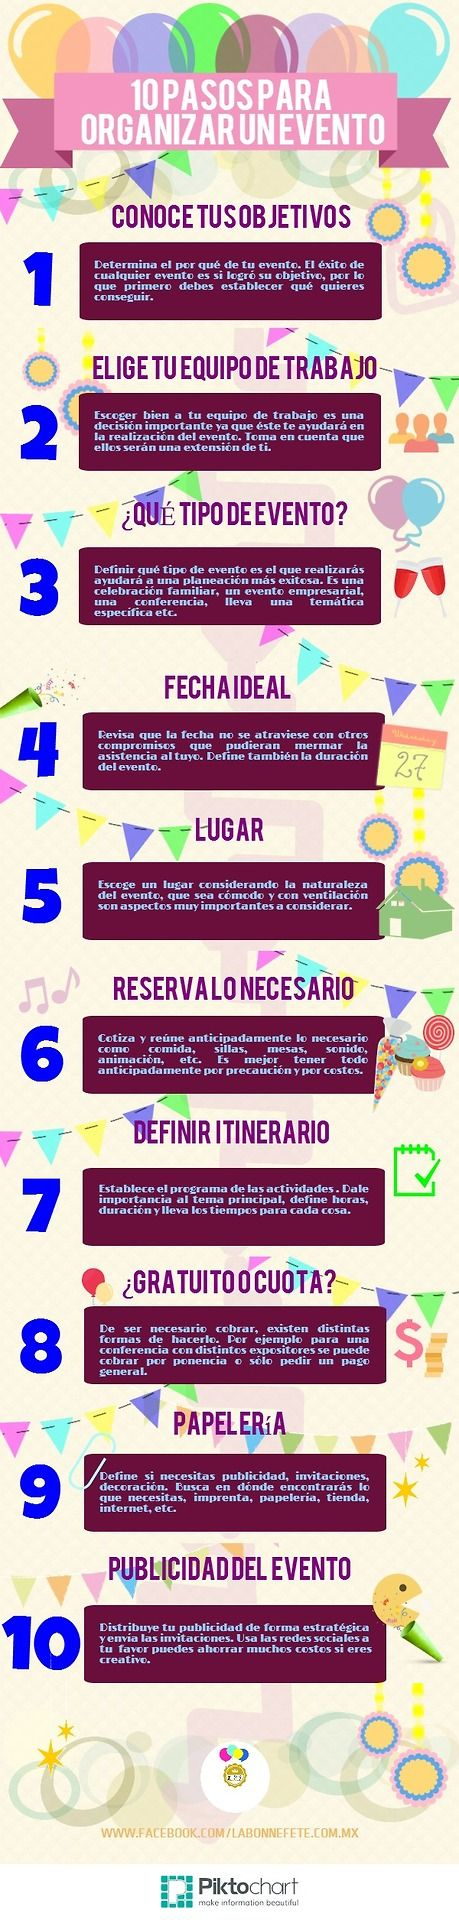 10 pasos para organizar un evento